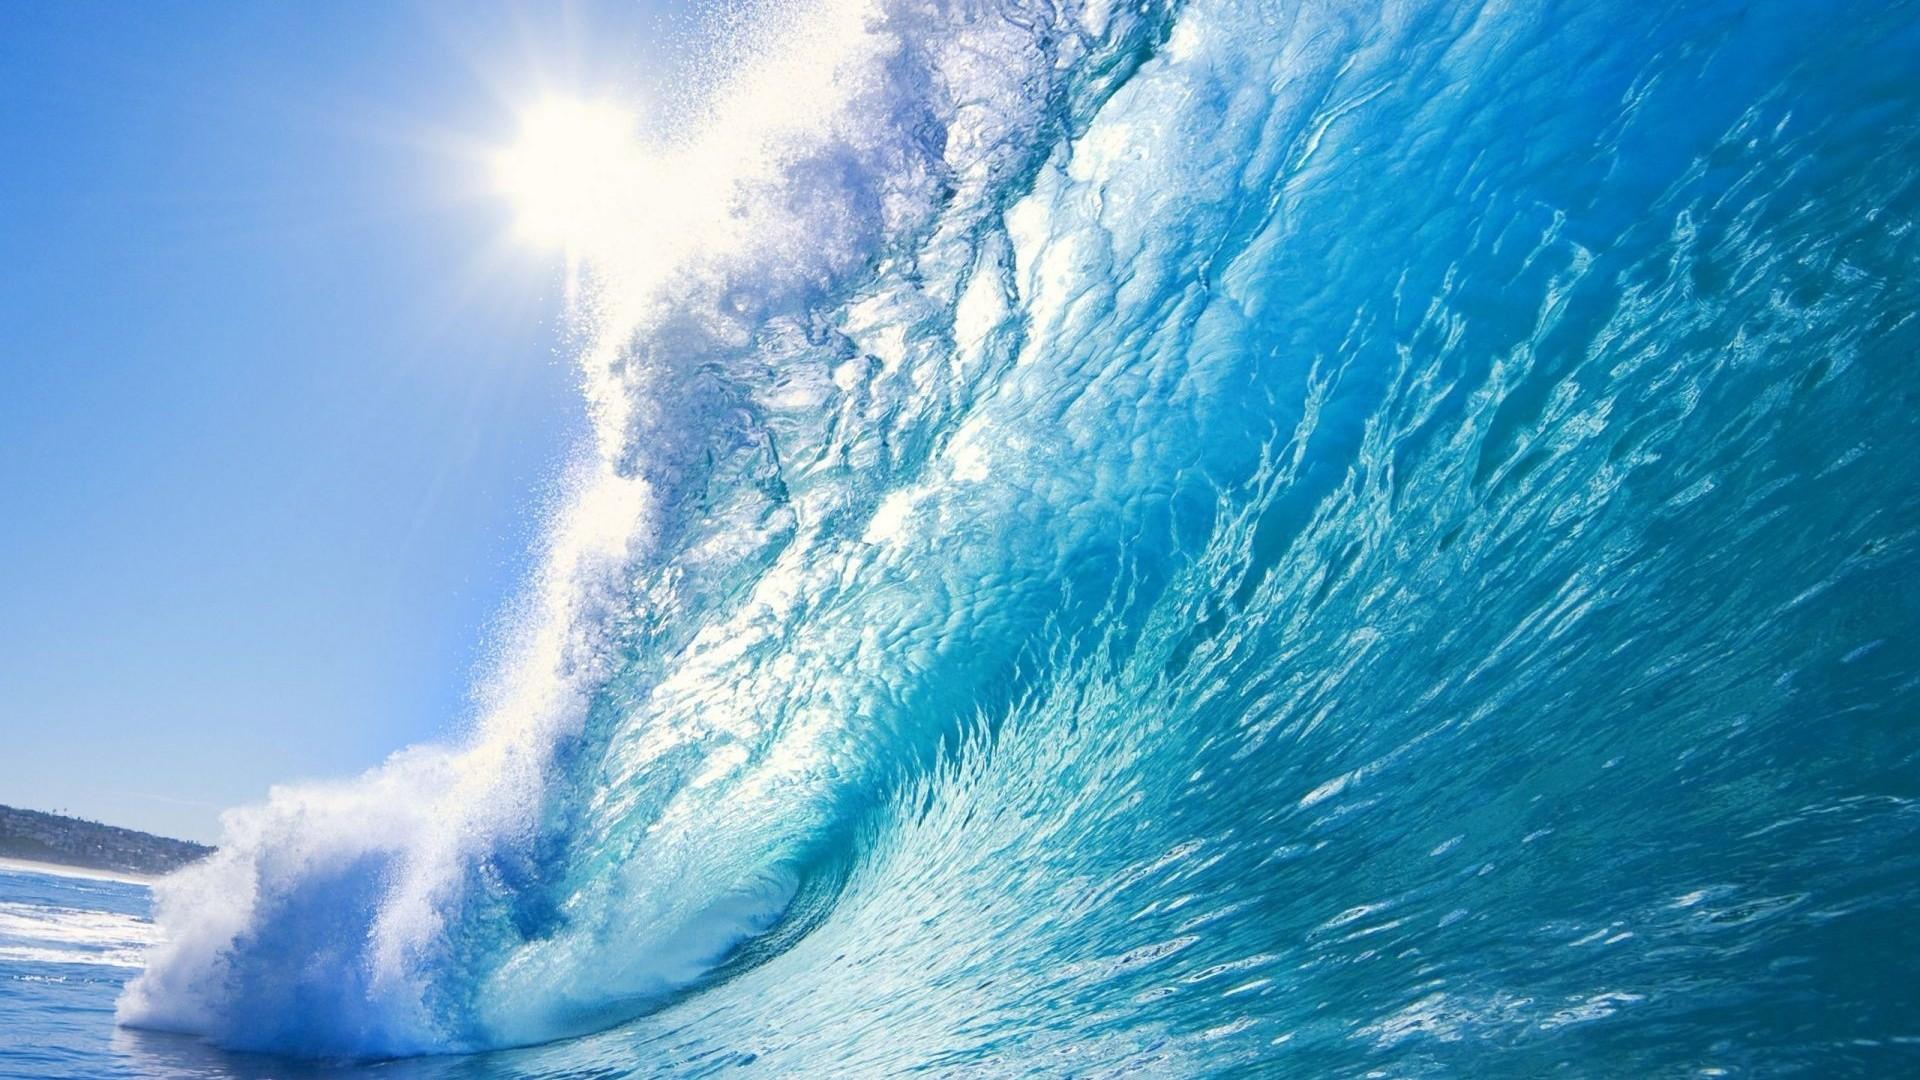 Beautiful ocean wave desktop PC and Mac wallpaper